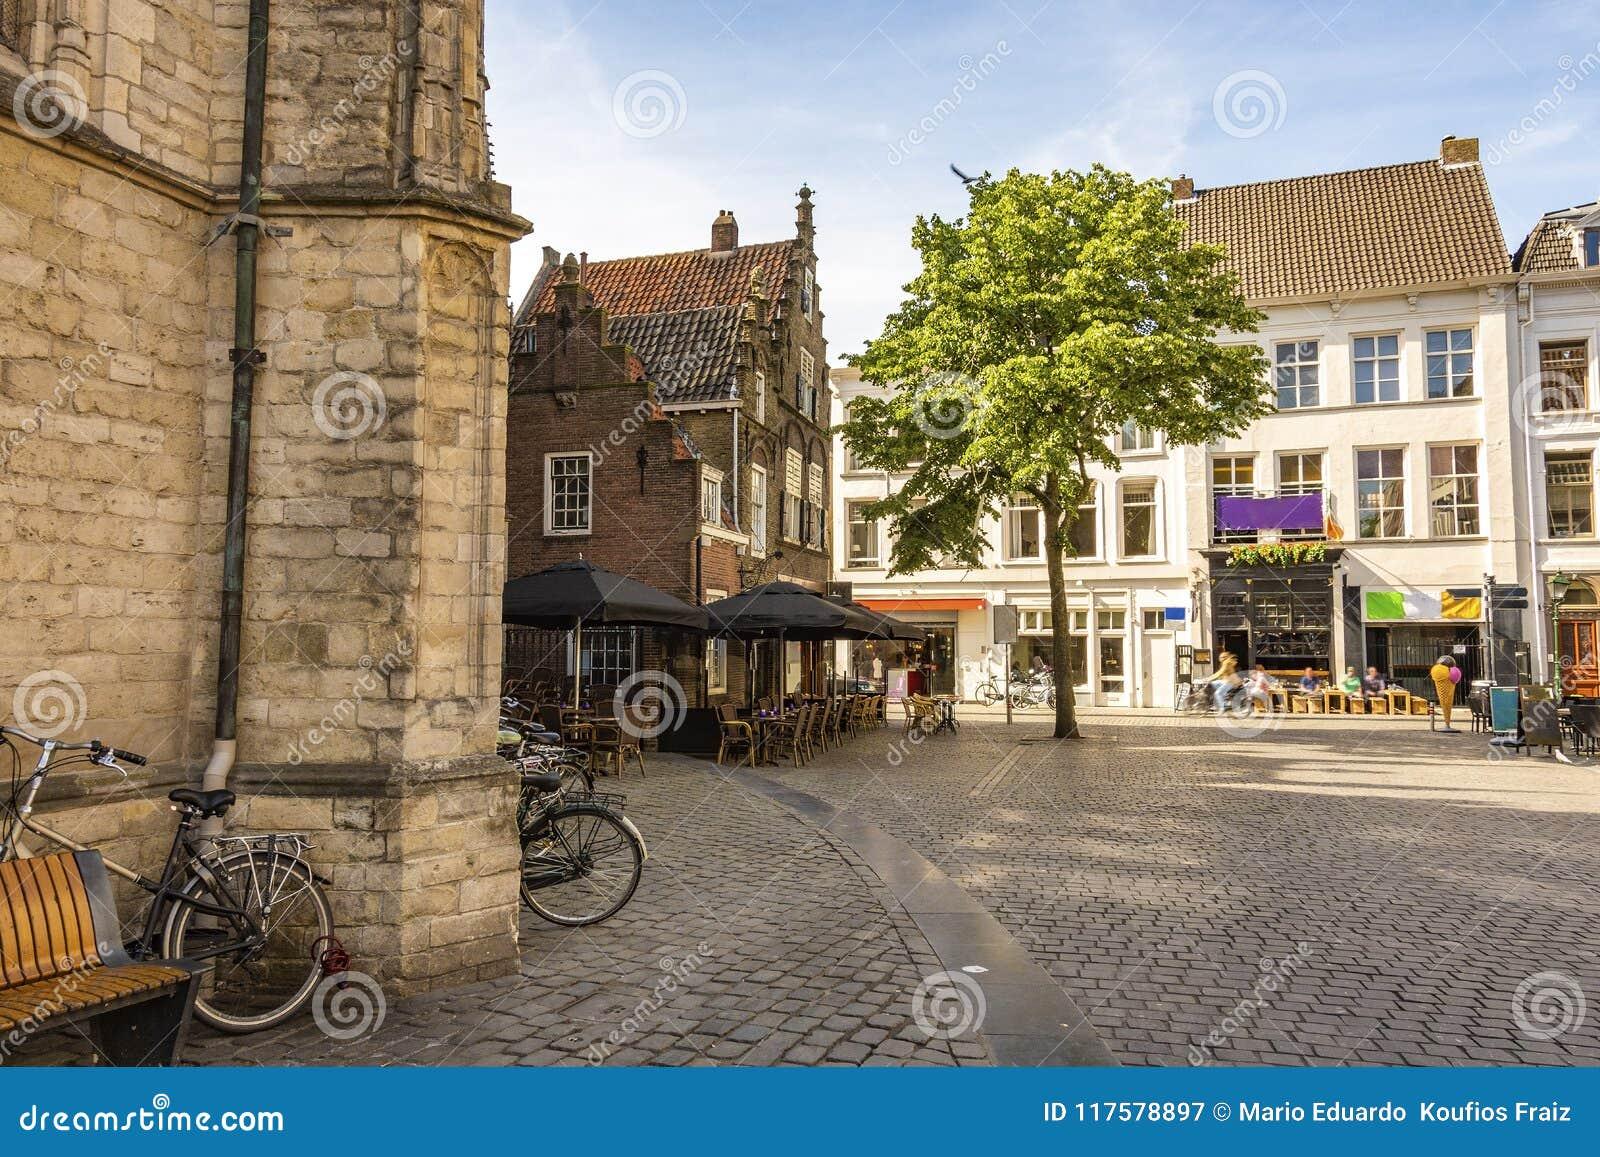 Τετράγωνο δίπλα στη μεγάλη εκκλησία της πόλης της Μπρέντας Κάτω Χώρες Κάτω Χώρες